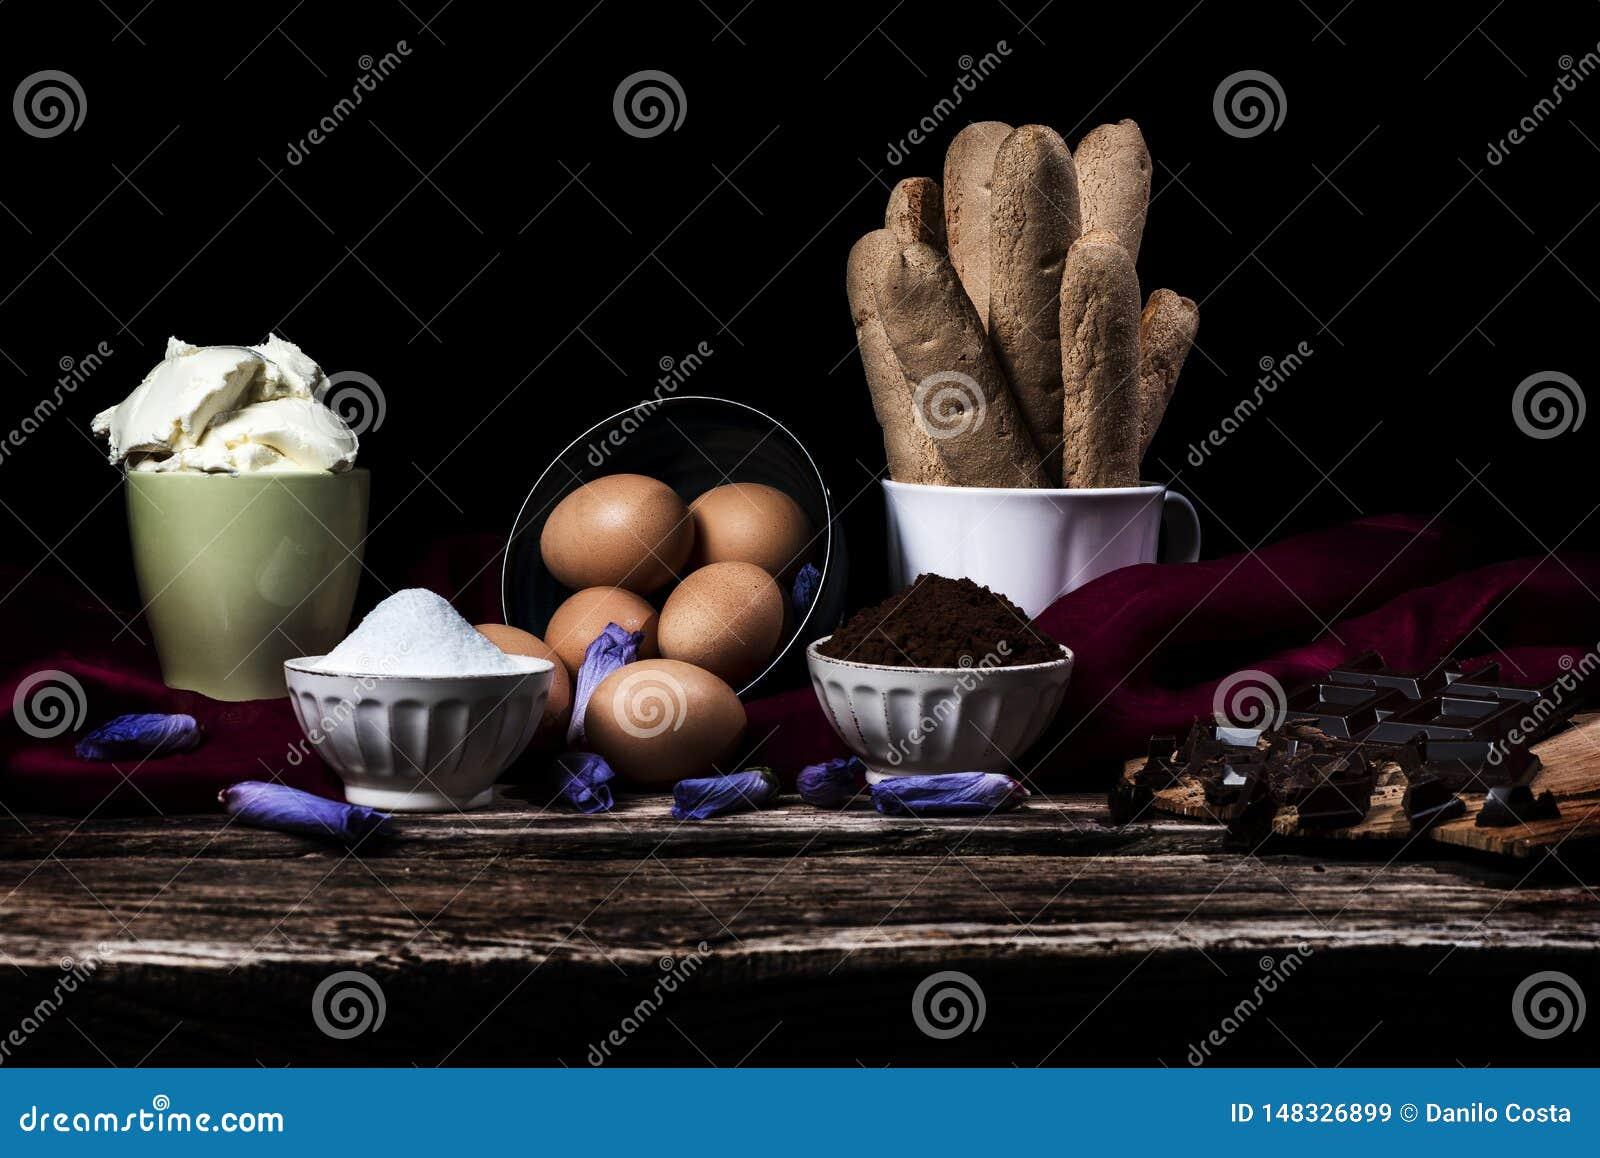 Ingrédients pour le tiramisu, le chocolat, le café et le mascarpone italiens sur un fond noir